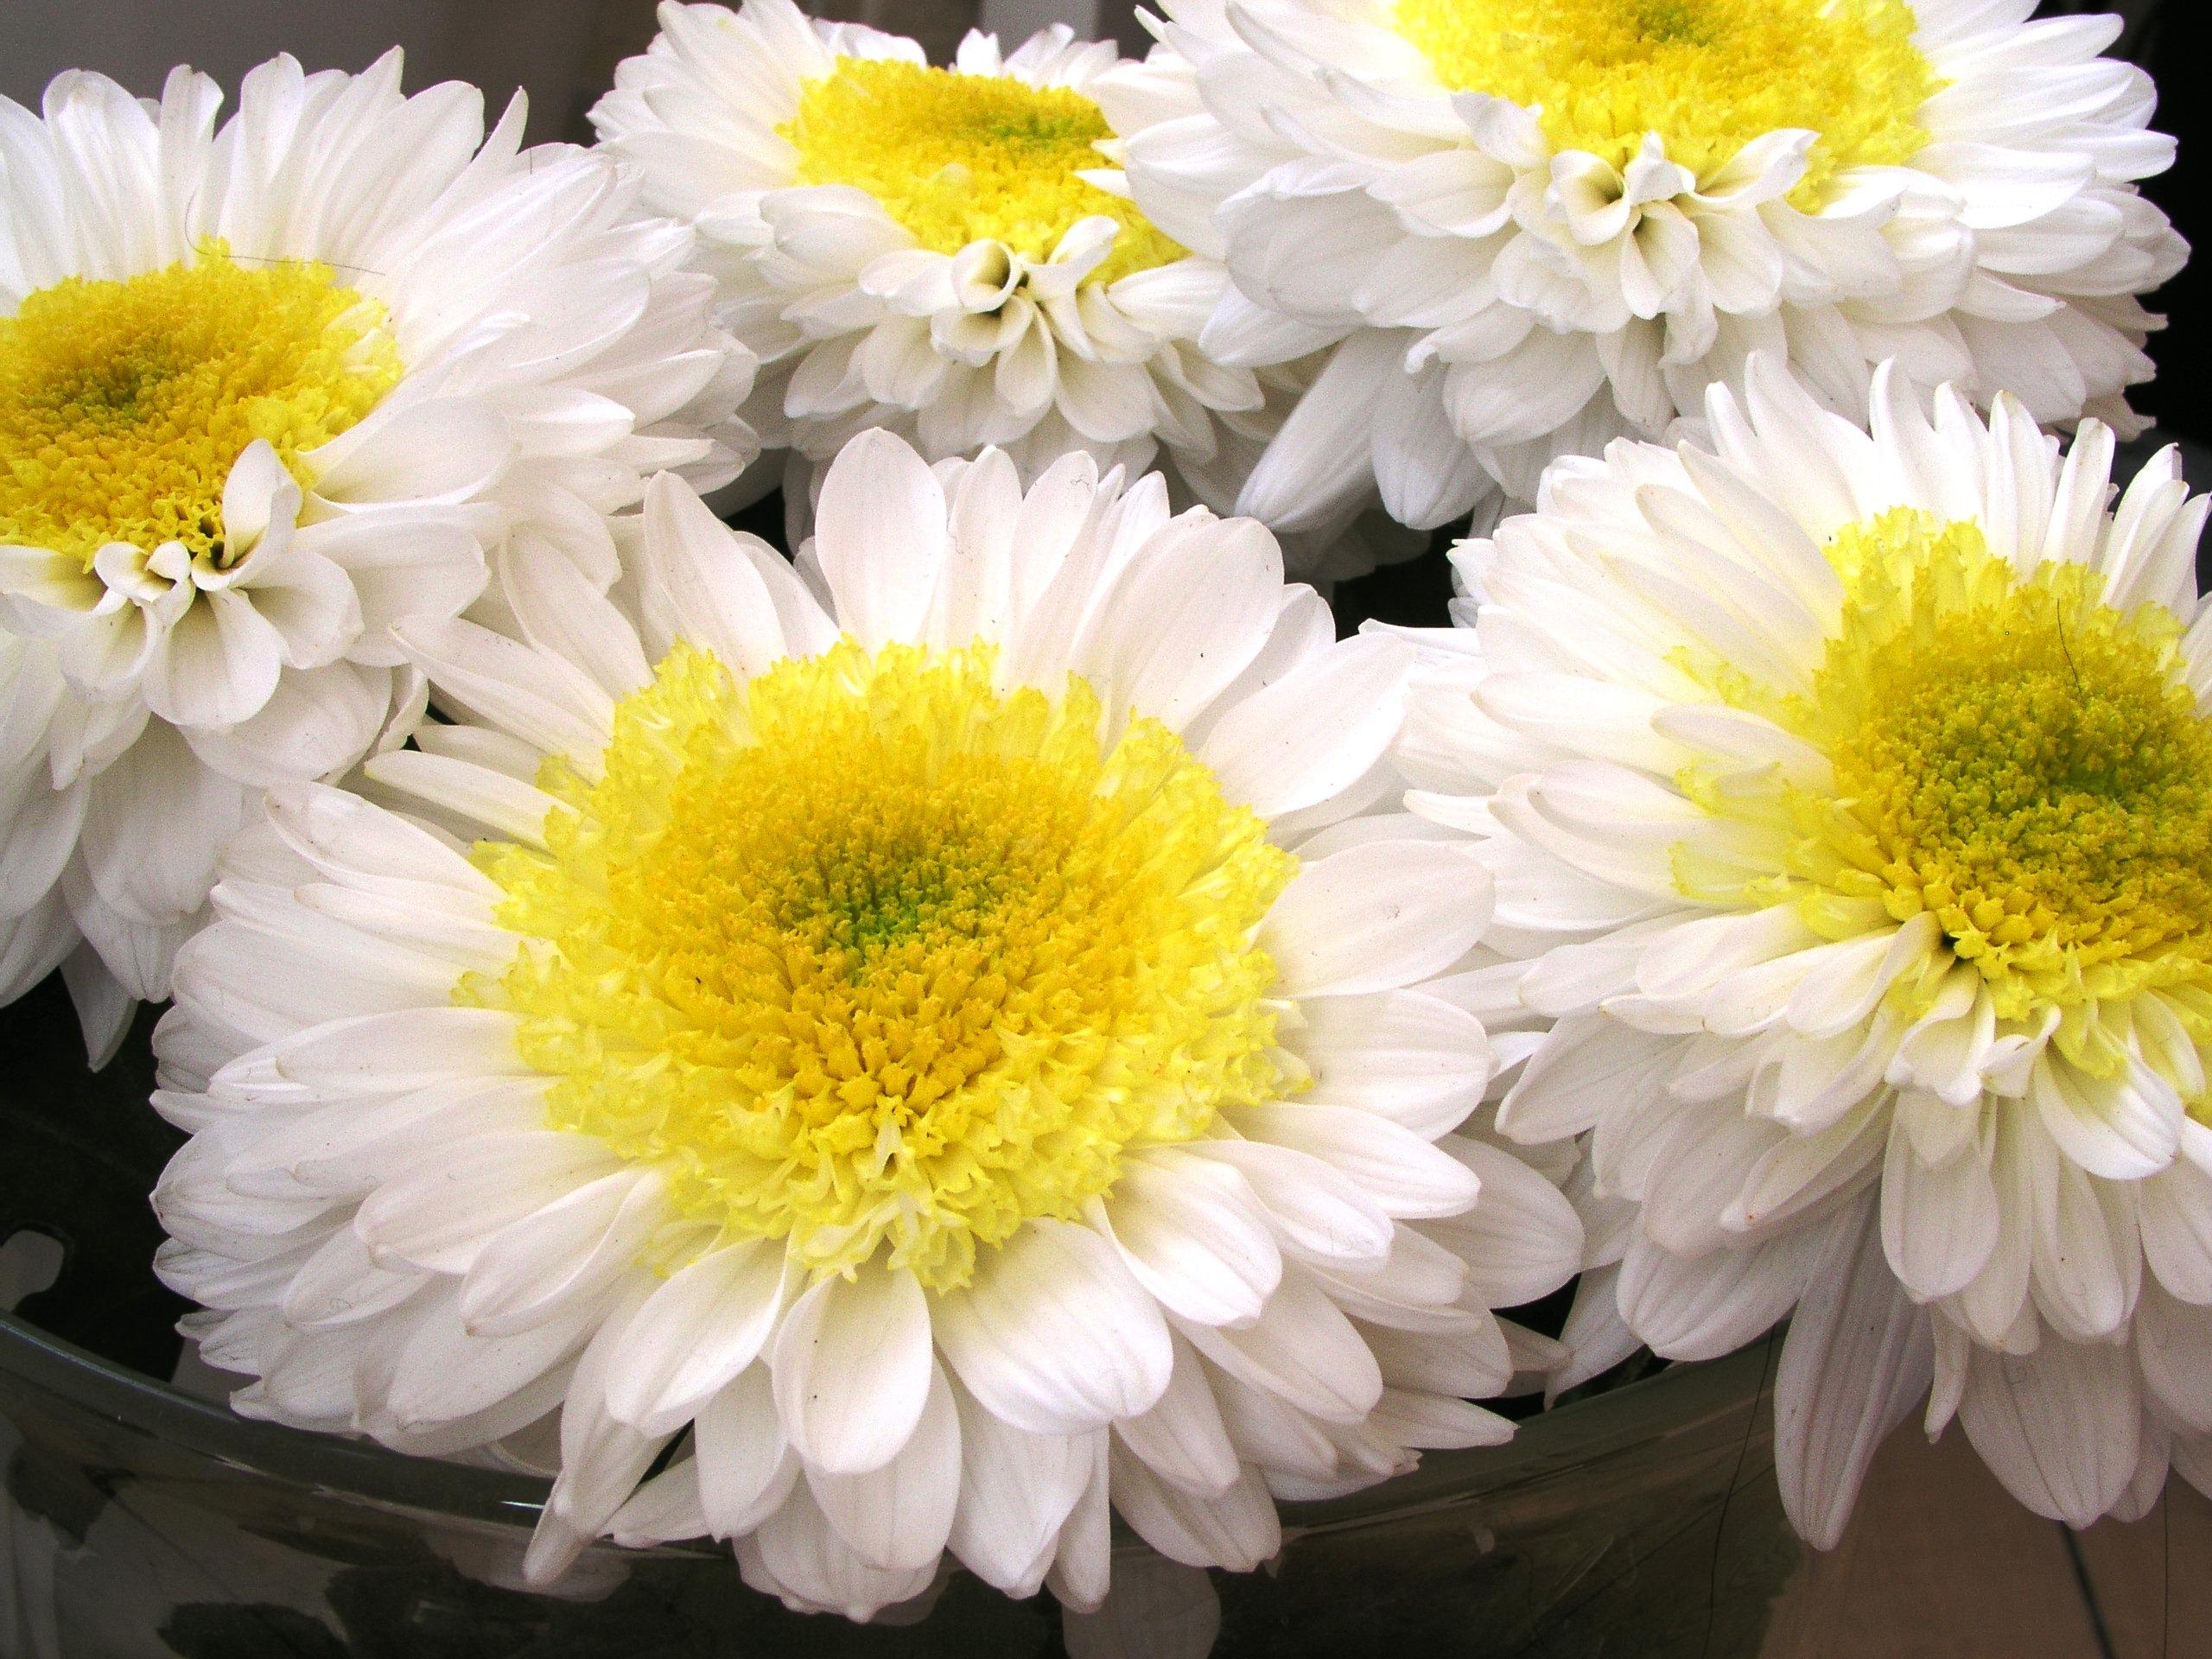 Das Foto zeigt mehrere Blumen, die innen gelb und außen weiß sind.